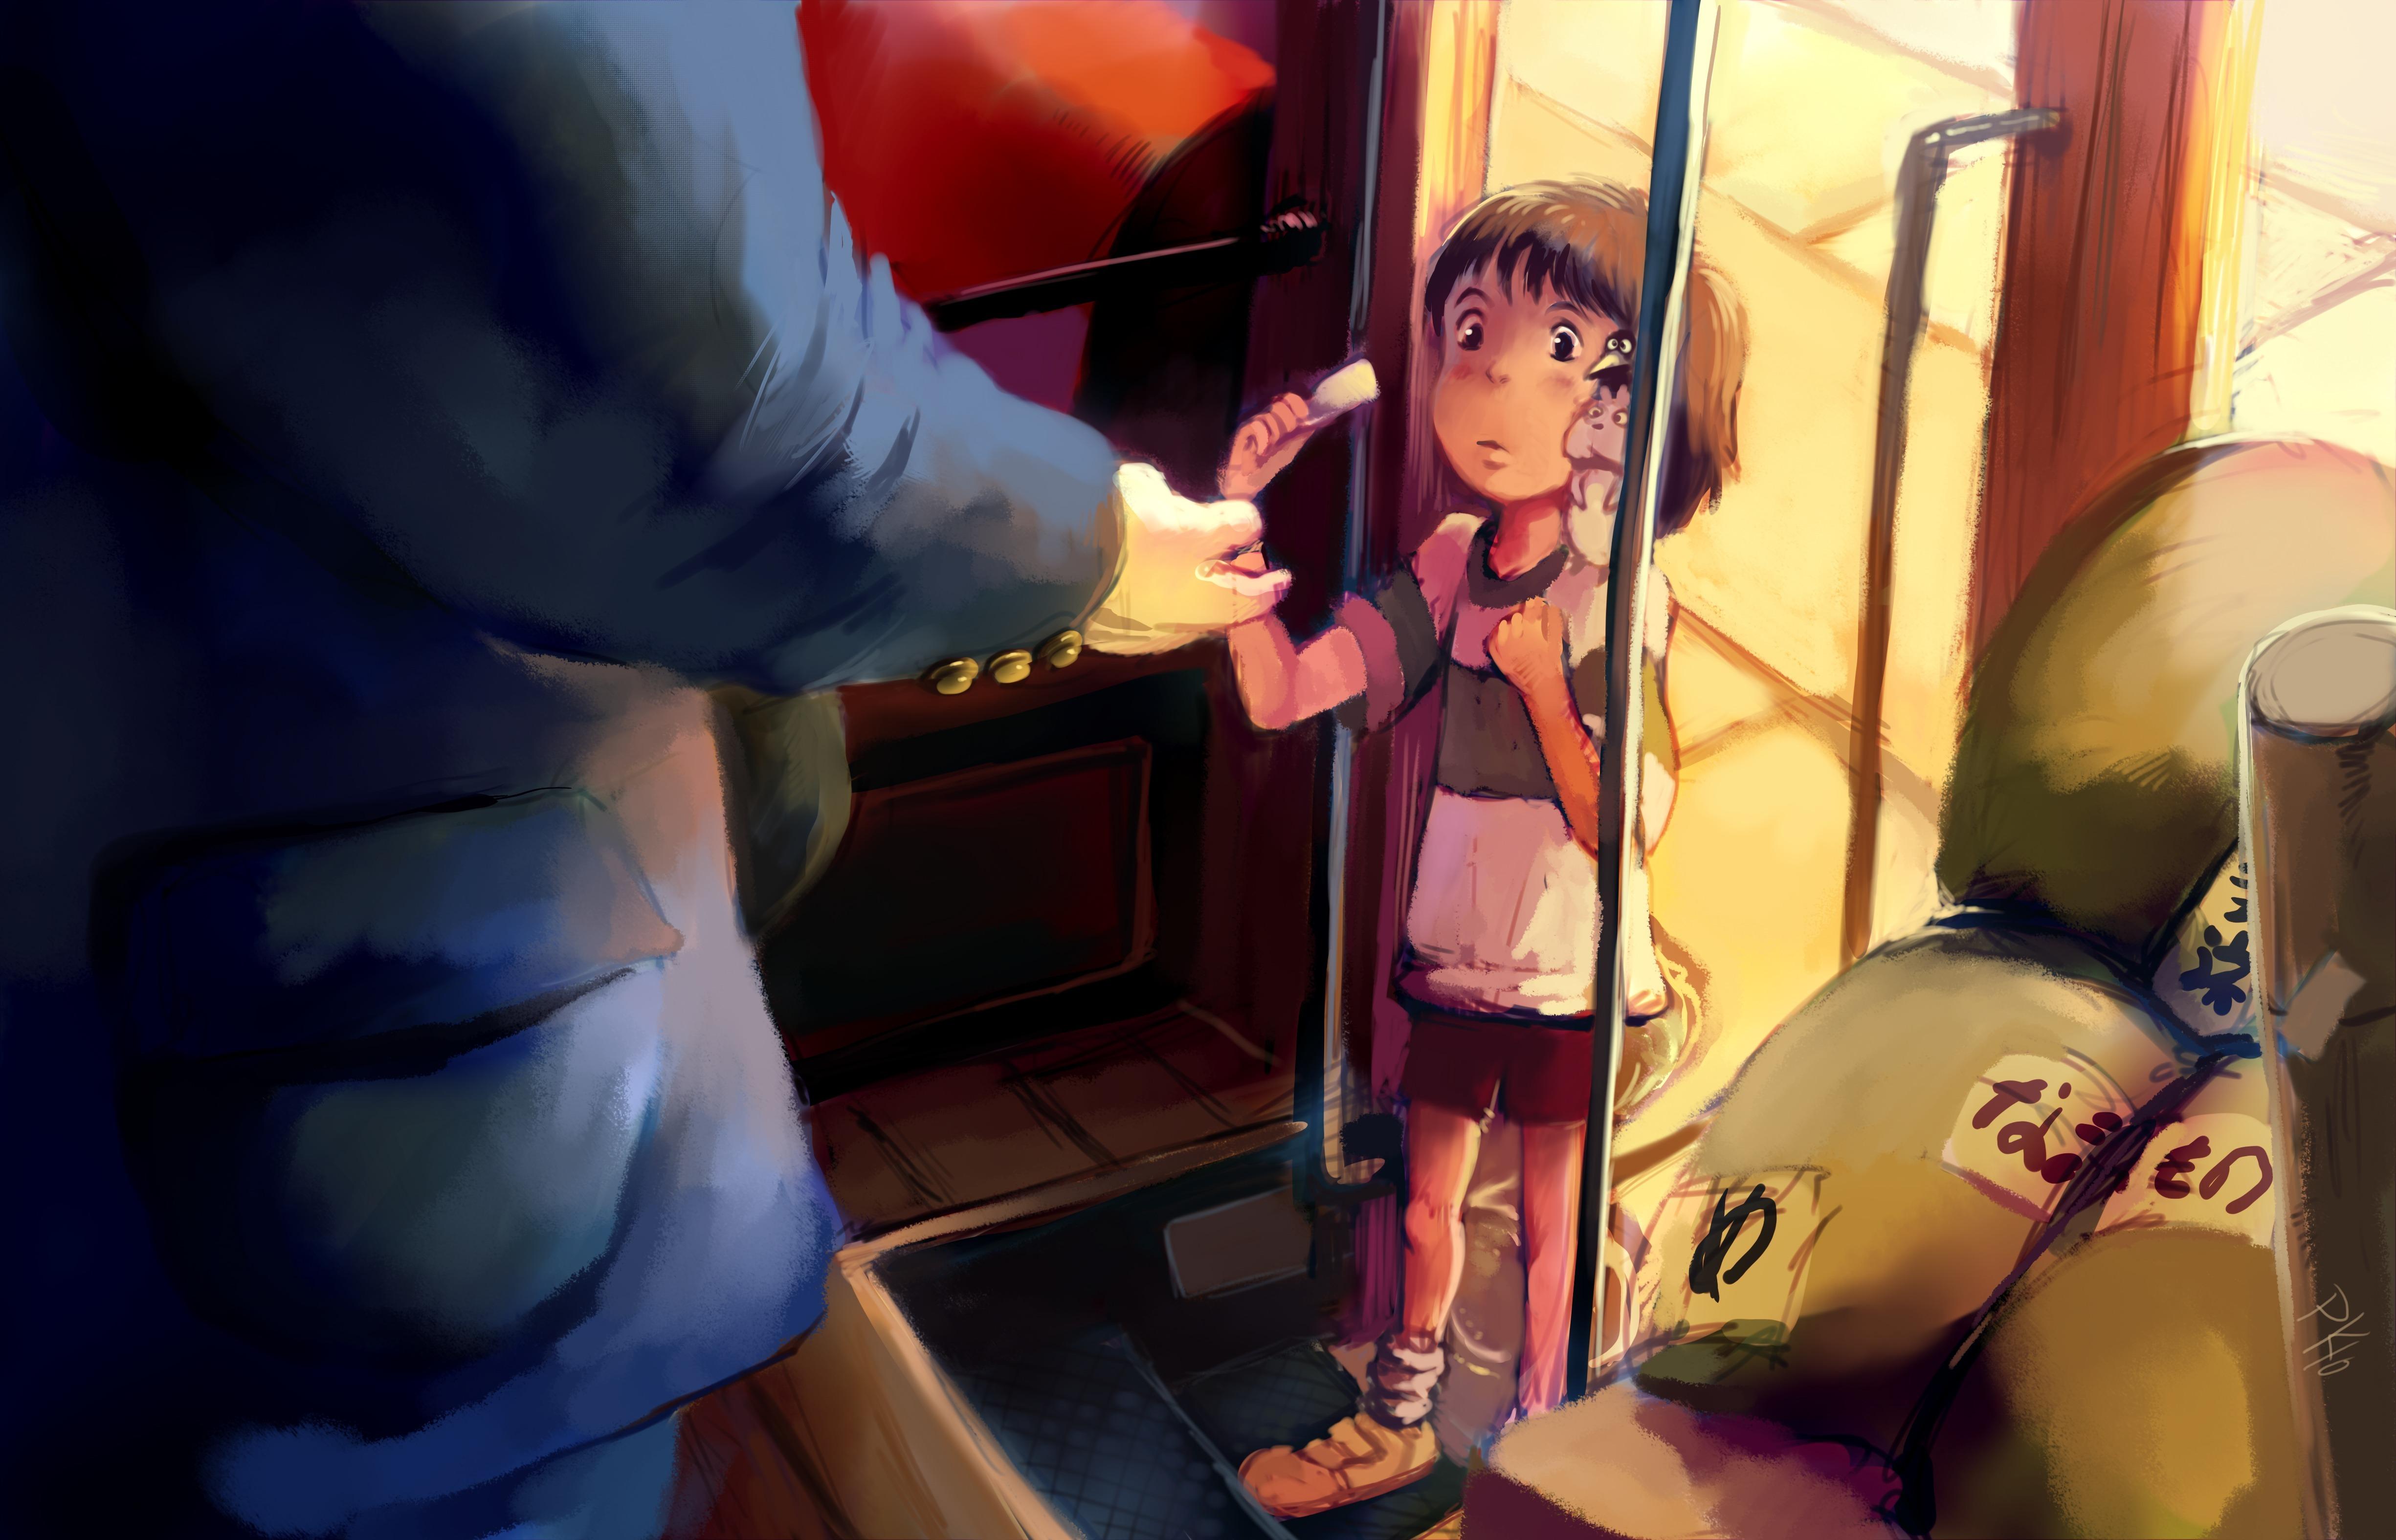 Смотреть онлайн аниме в поезде 2 фотография